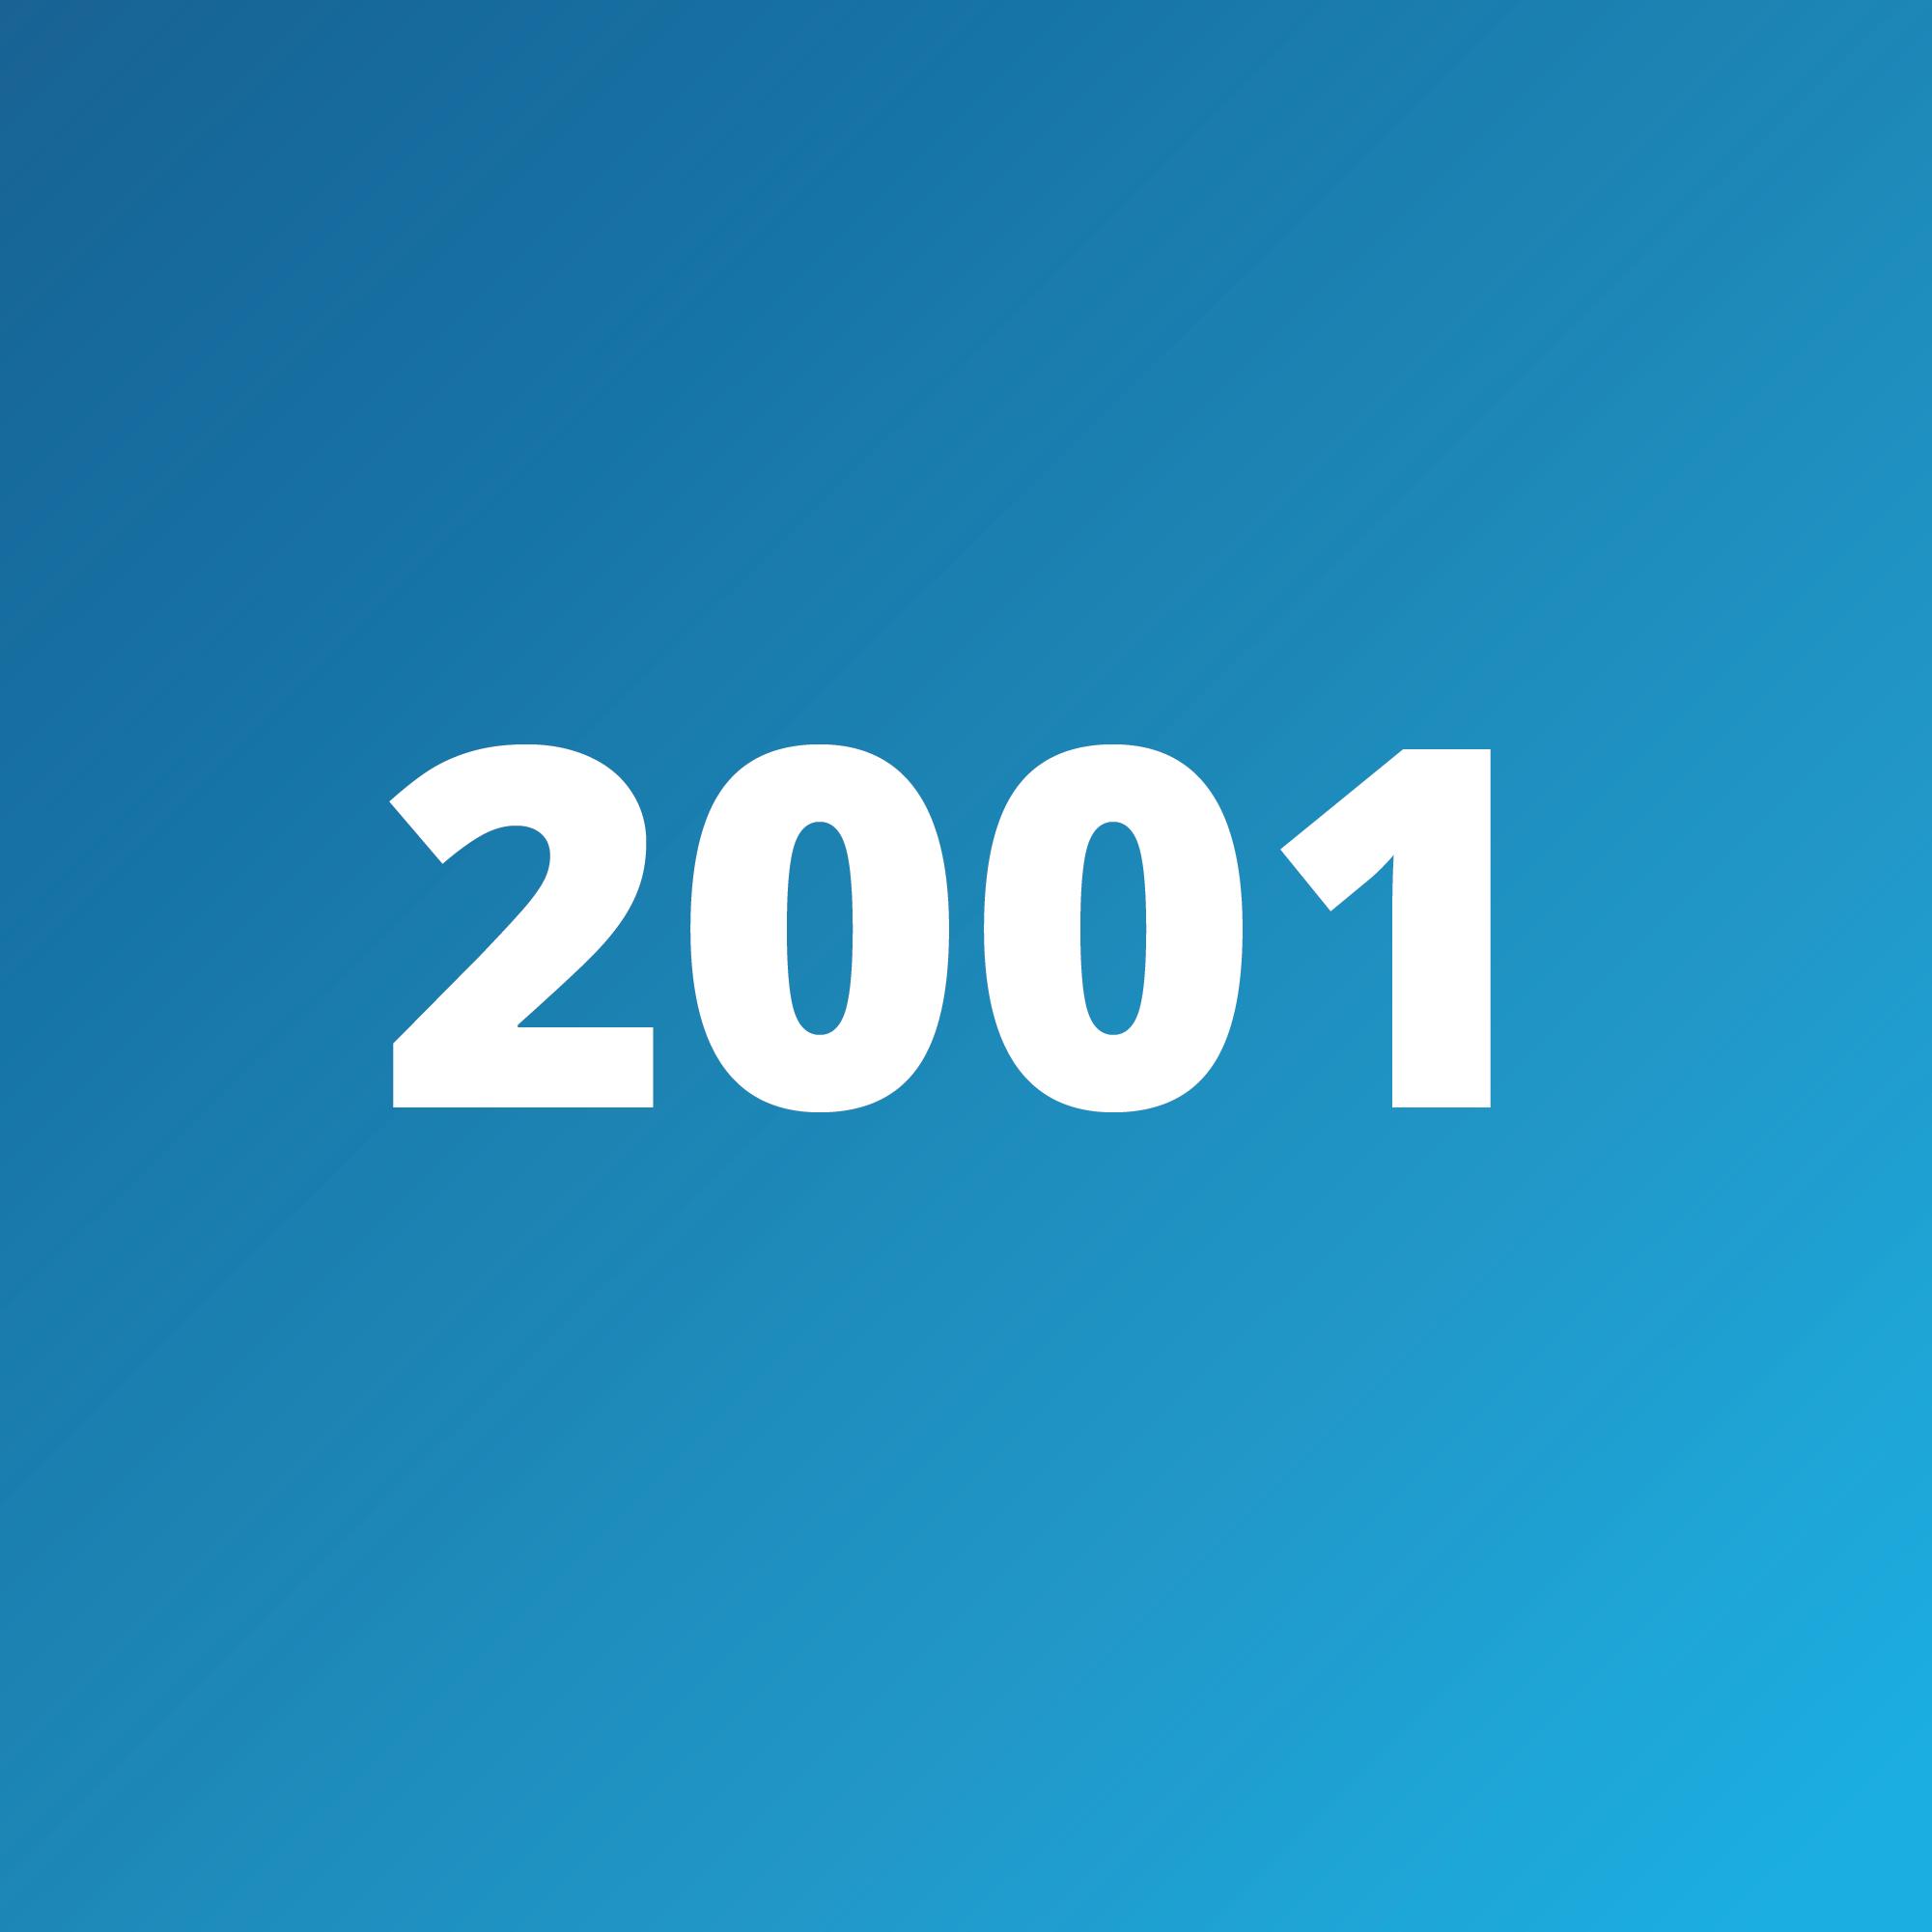 Timeline - 2001